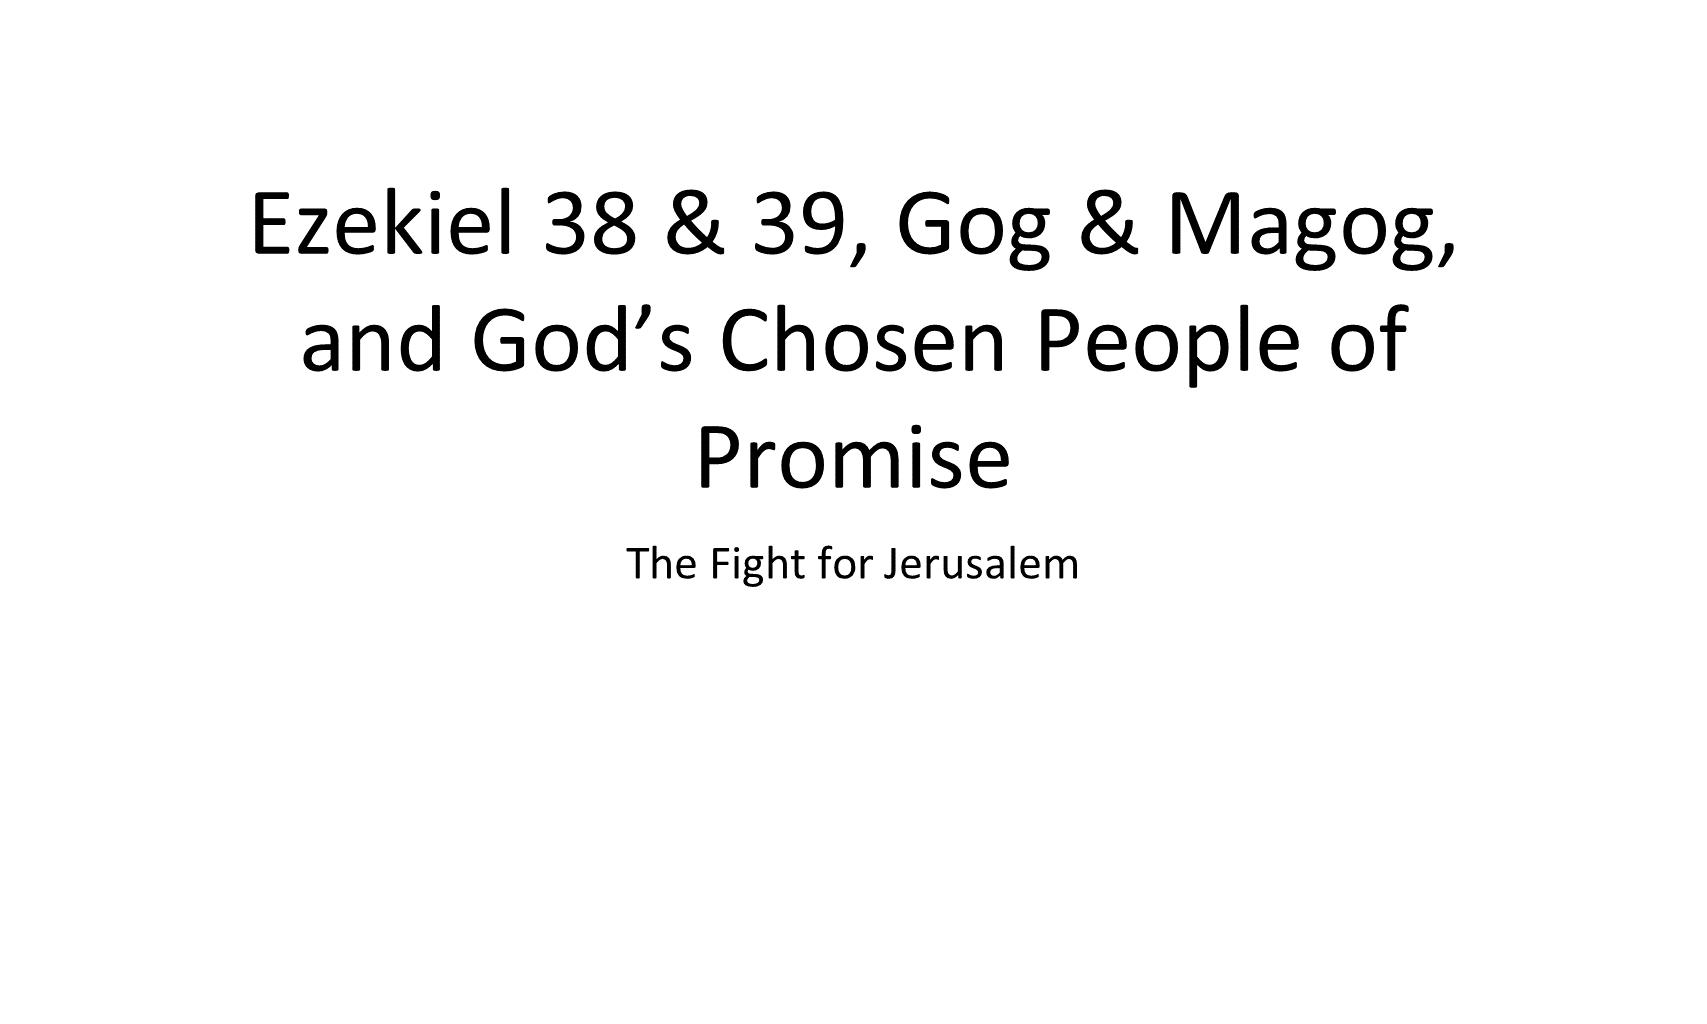 EBI-11 - Ex 38 & 39 & God & Magog, And The Fight For Jerusalem3 (1)